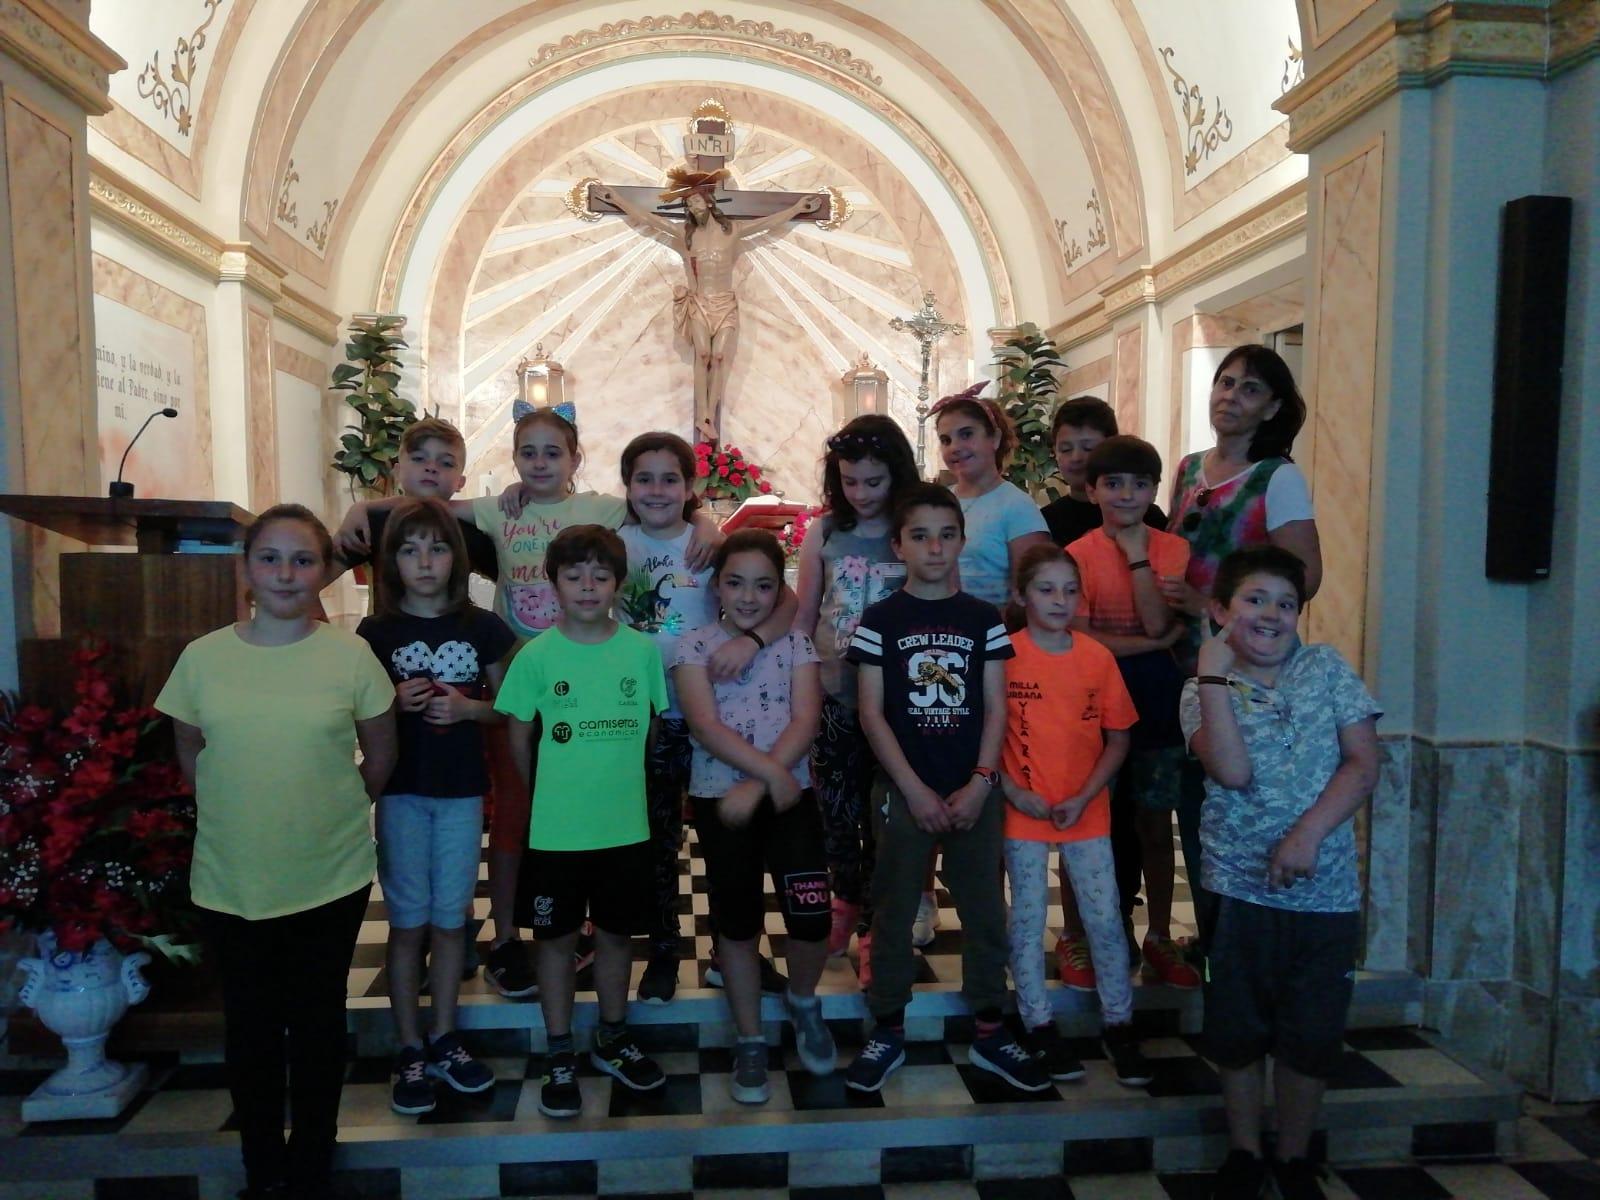 (2019-05-29) Visita alumnos Laura - 3 B primaria - Reina Sofia - Isabel B (08)